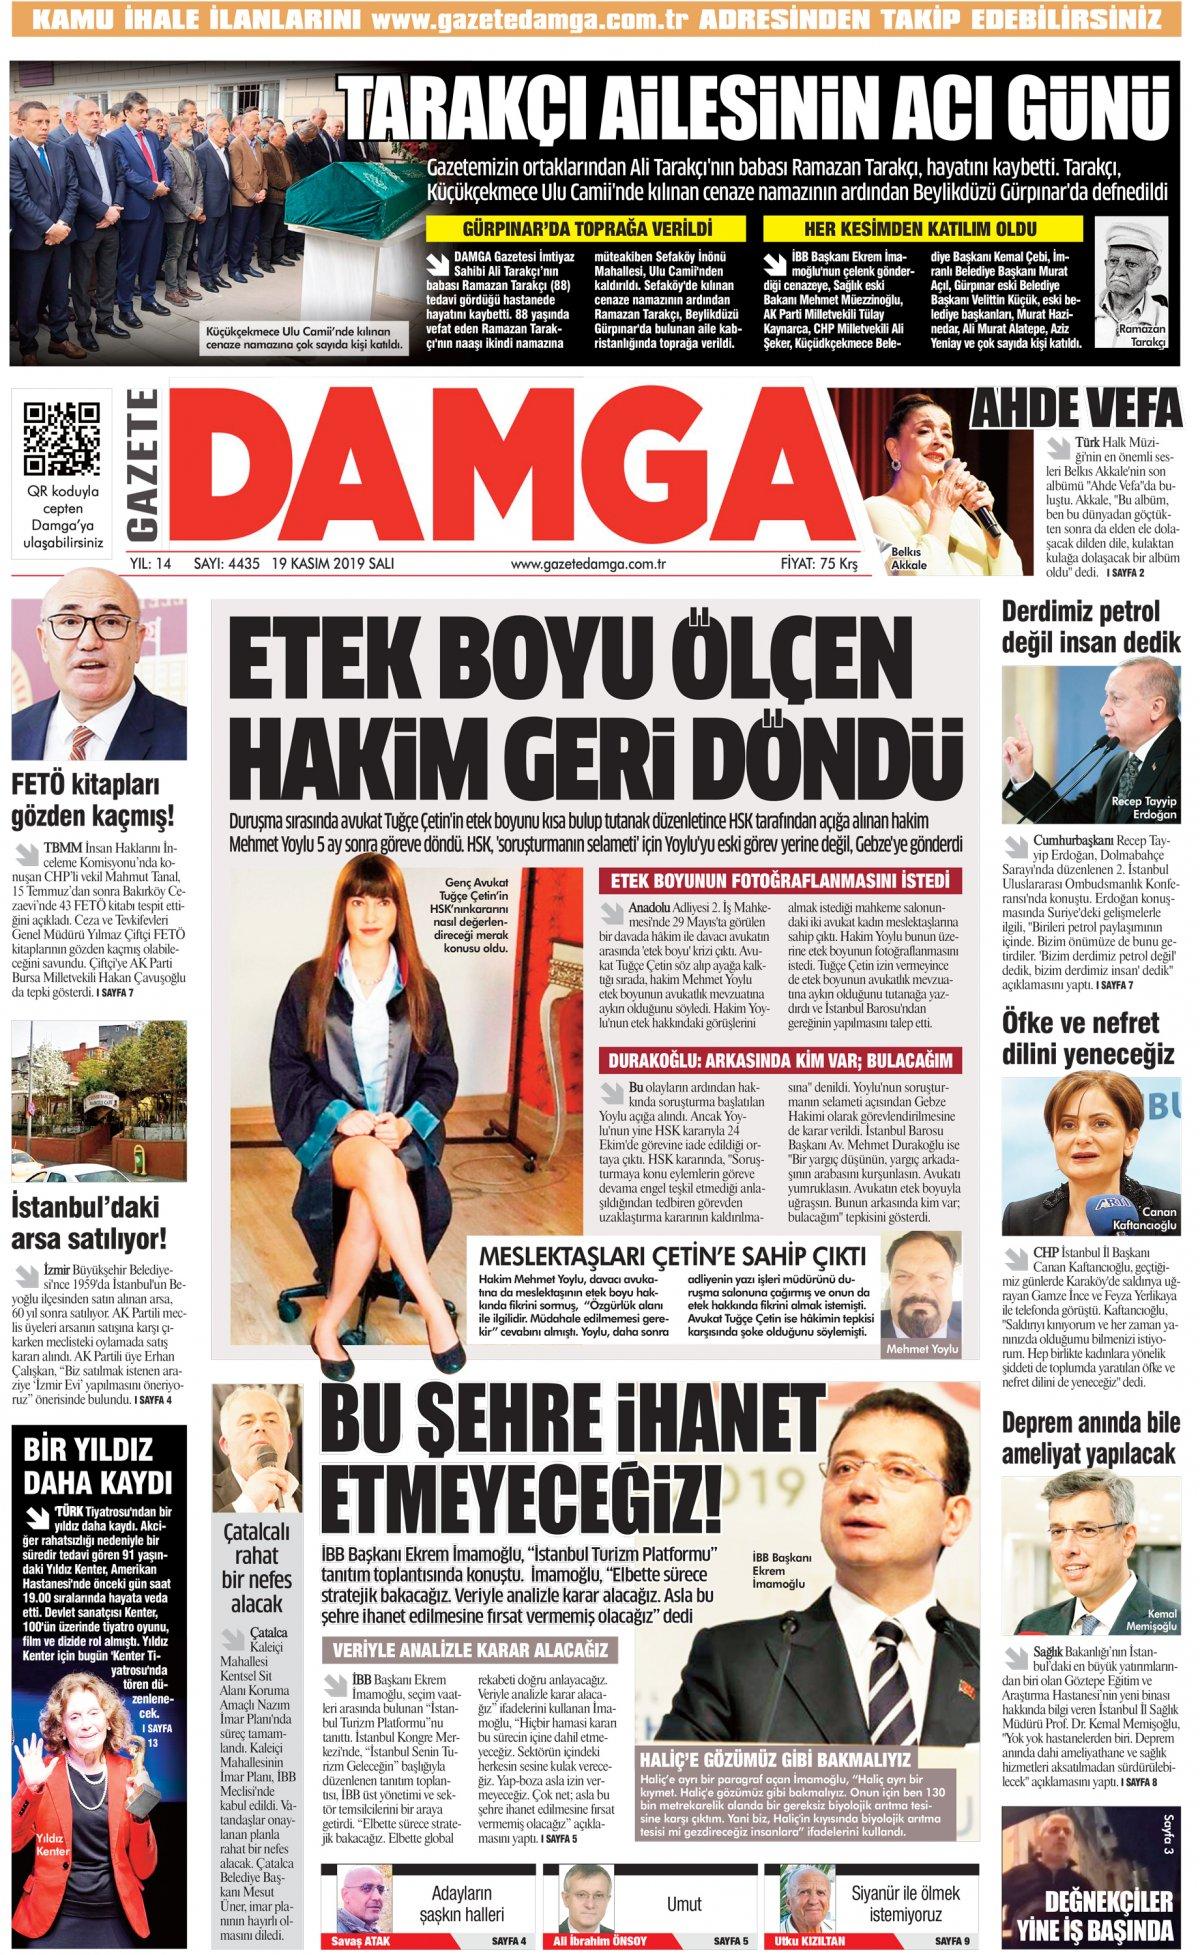 Gazete Damga - 19.11.2019 Sayfaları